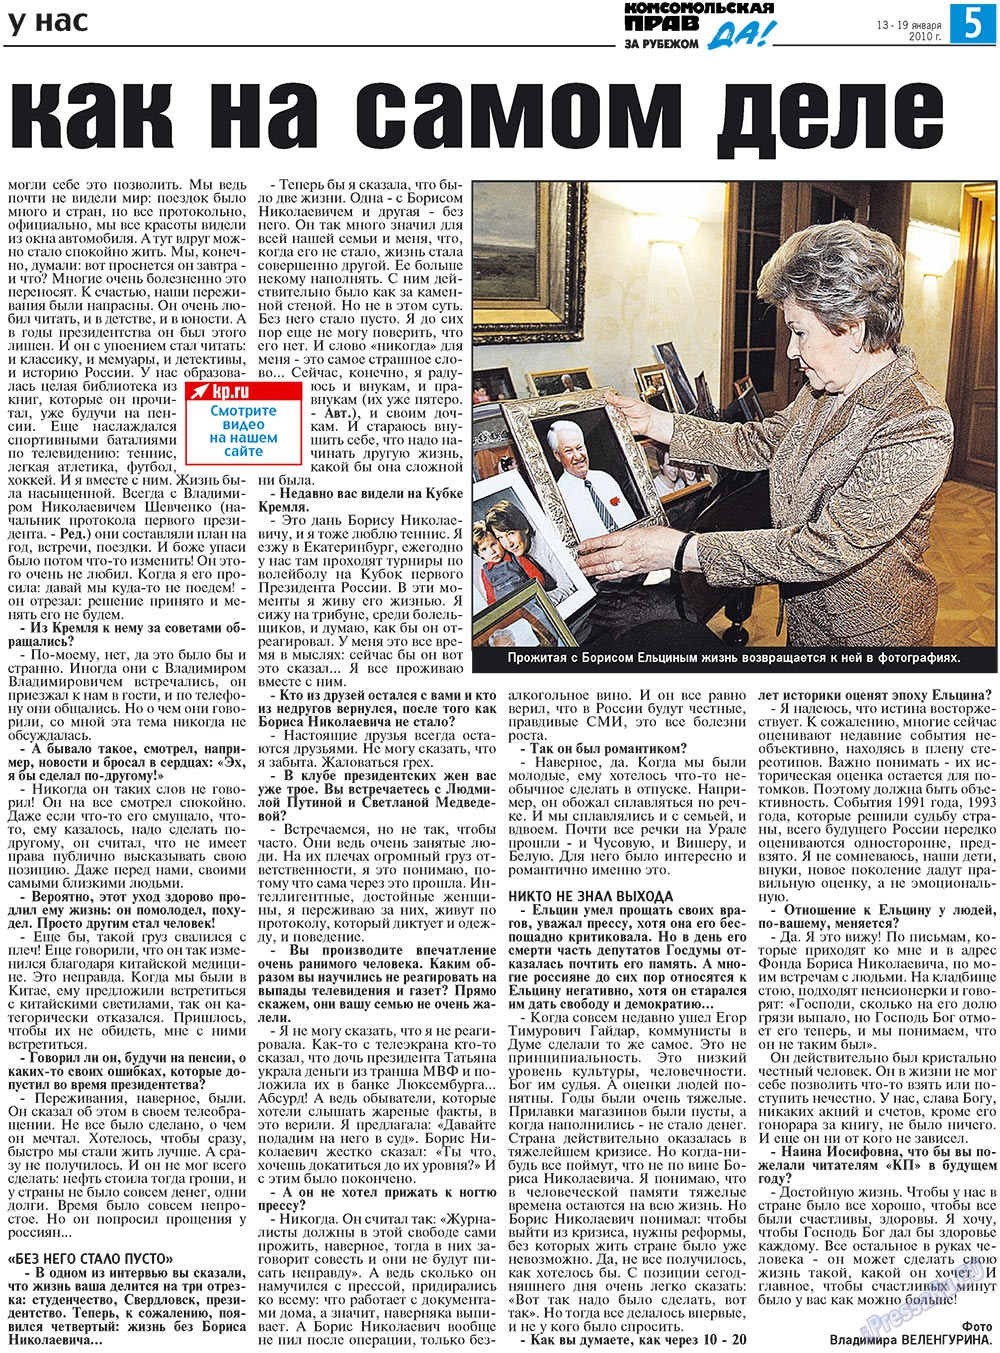 Наша Газета Ирландия (газета). 2010 год, номер 2, стр. 13